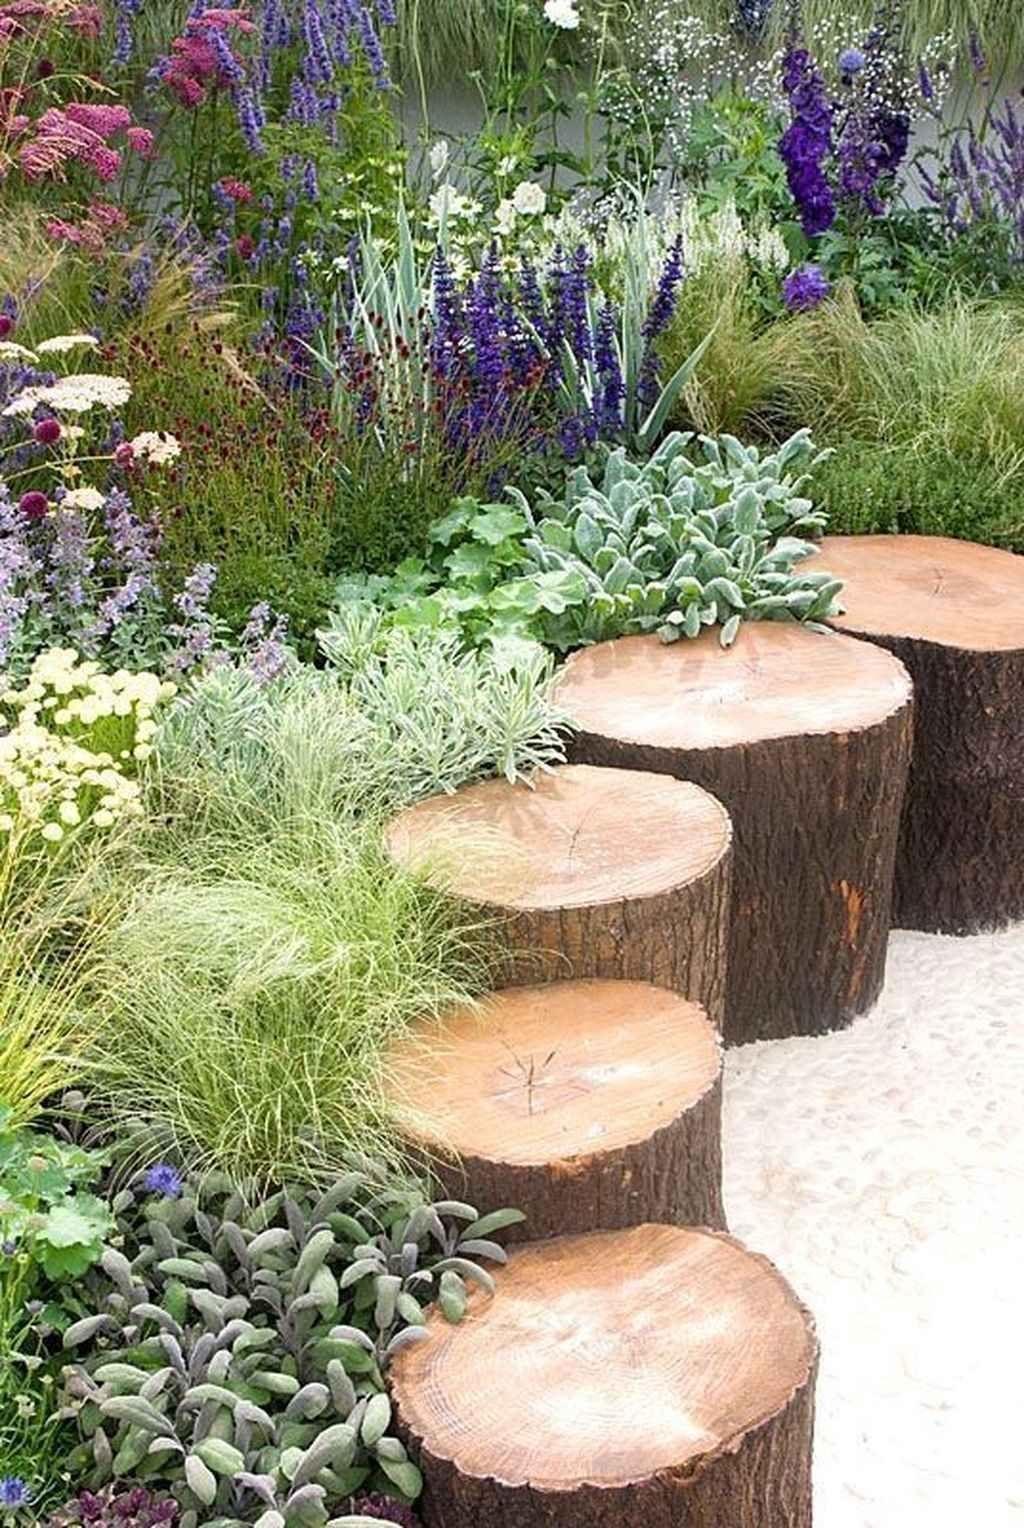 30 Herrlichen Kleinen Cottage Garten Ideen Fur Garten Inspiration Structhome Co 8230 In 2020 Small Cottage Garden Ideas Cottage Garden Garden Inspiration